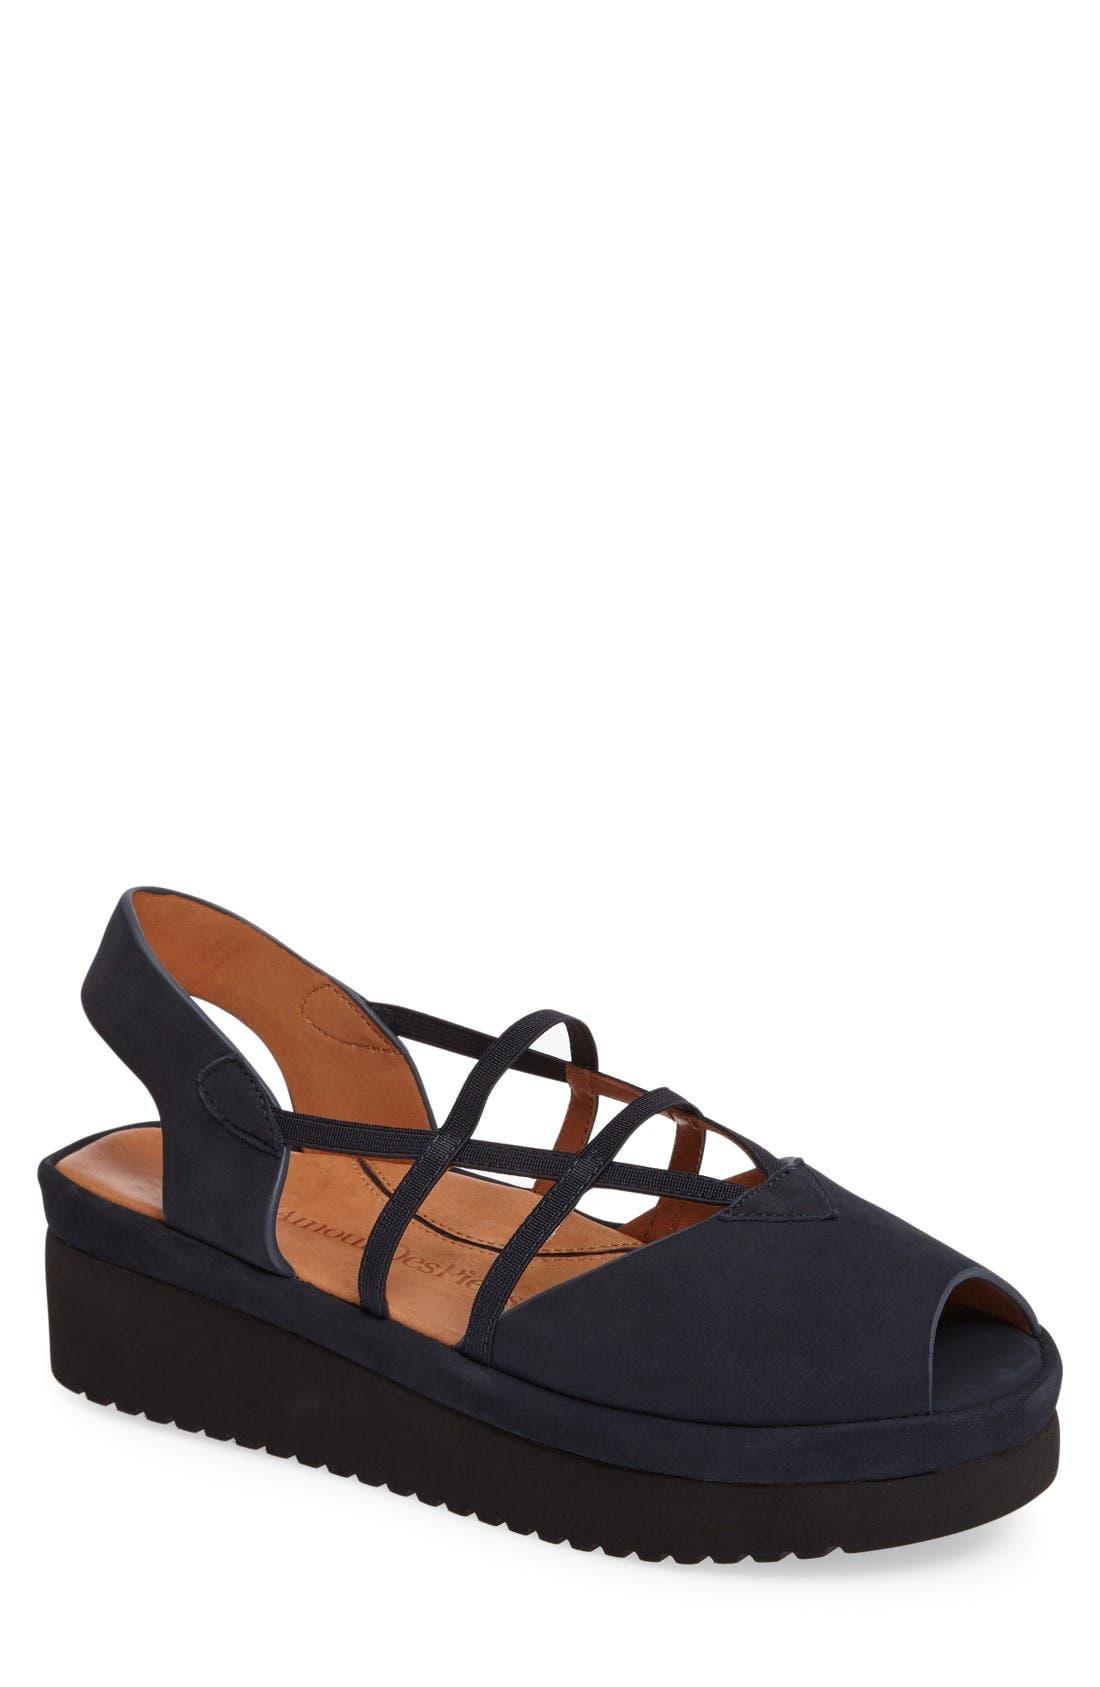 Main Image - L'Amour des Pieds Adelais Platform Wedge Sandal (Women)